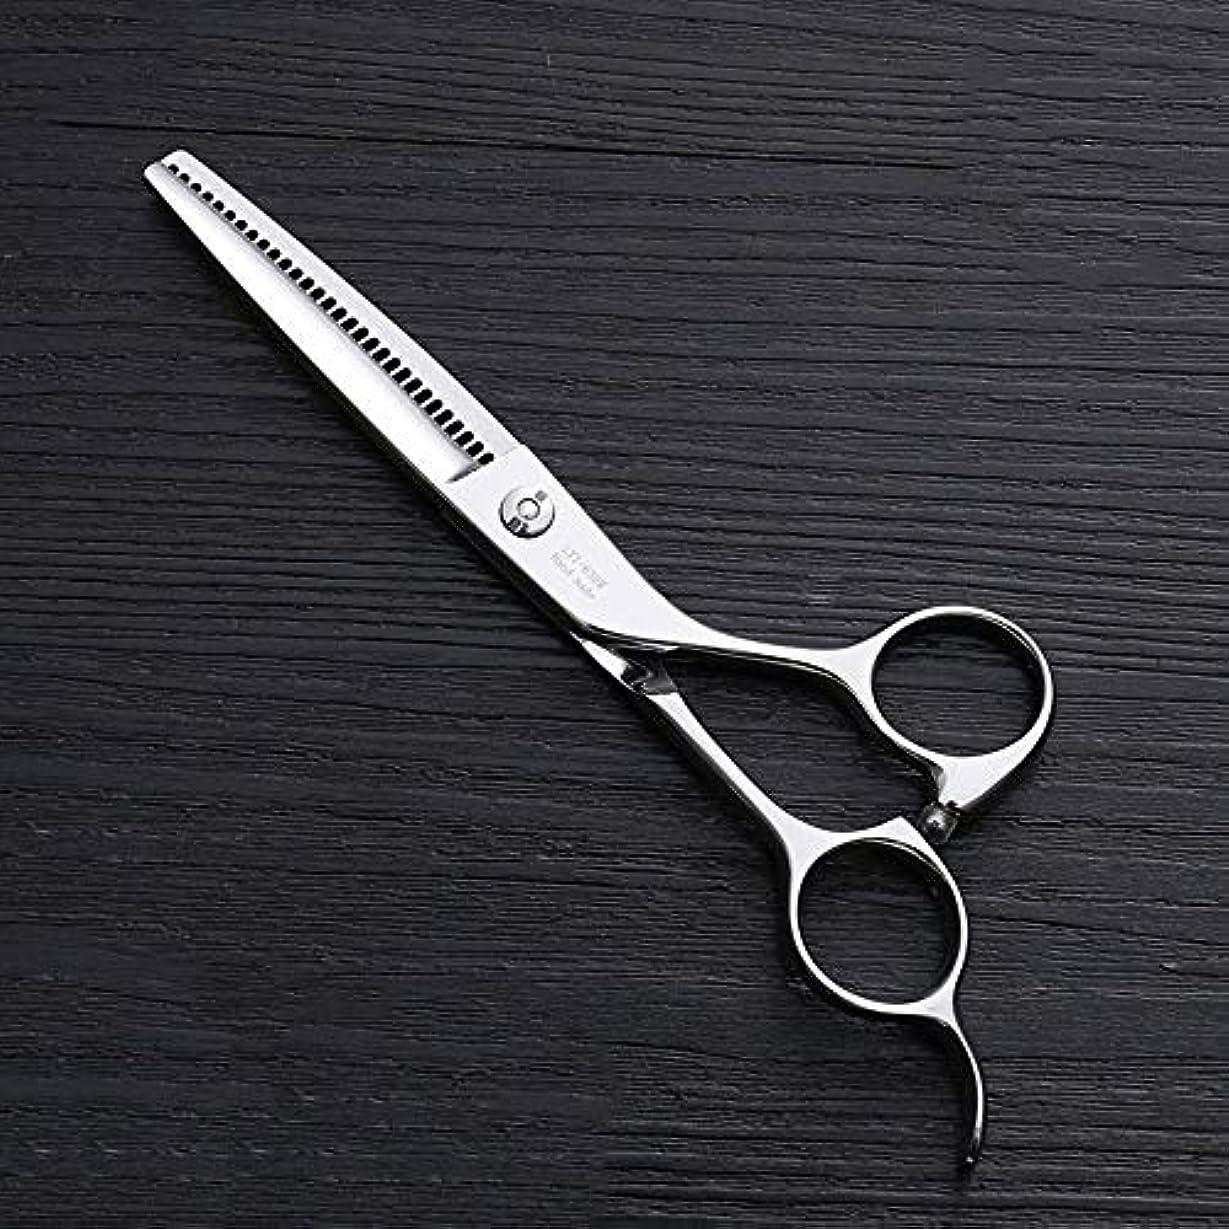 灰遺棄された成人期6インチ理髪はさみ、30歯理髪はさみ、ステンレス鋼理髪ツール モデリングツール (色 : Silver)